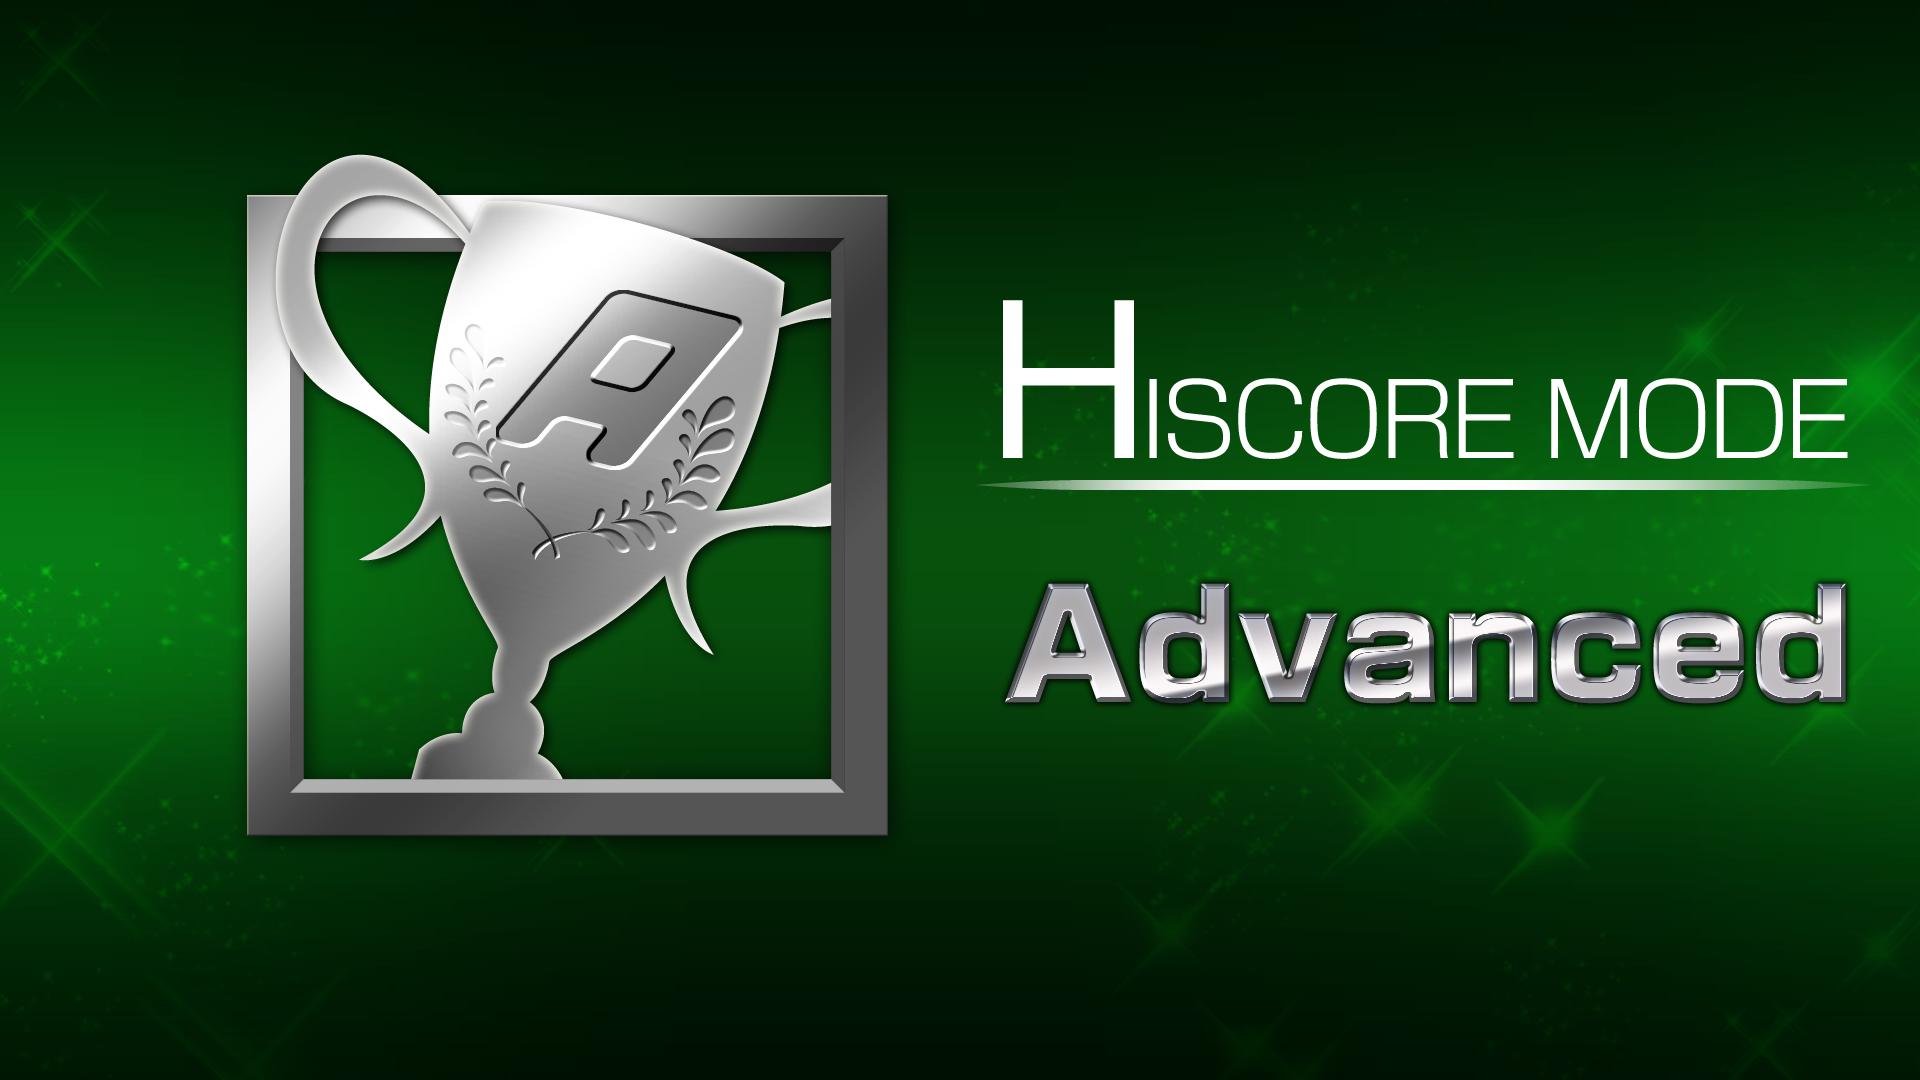 Icon for HI SCORE MODE 4 win(s)